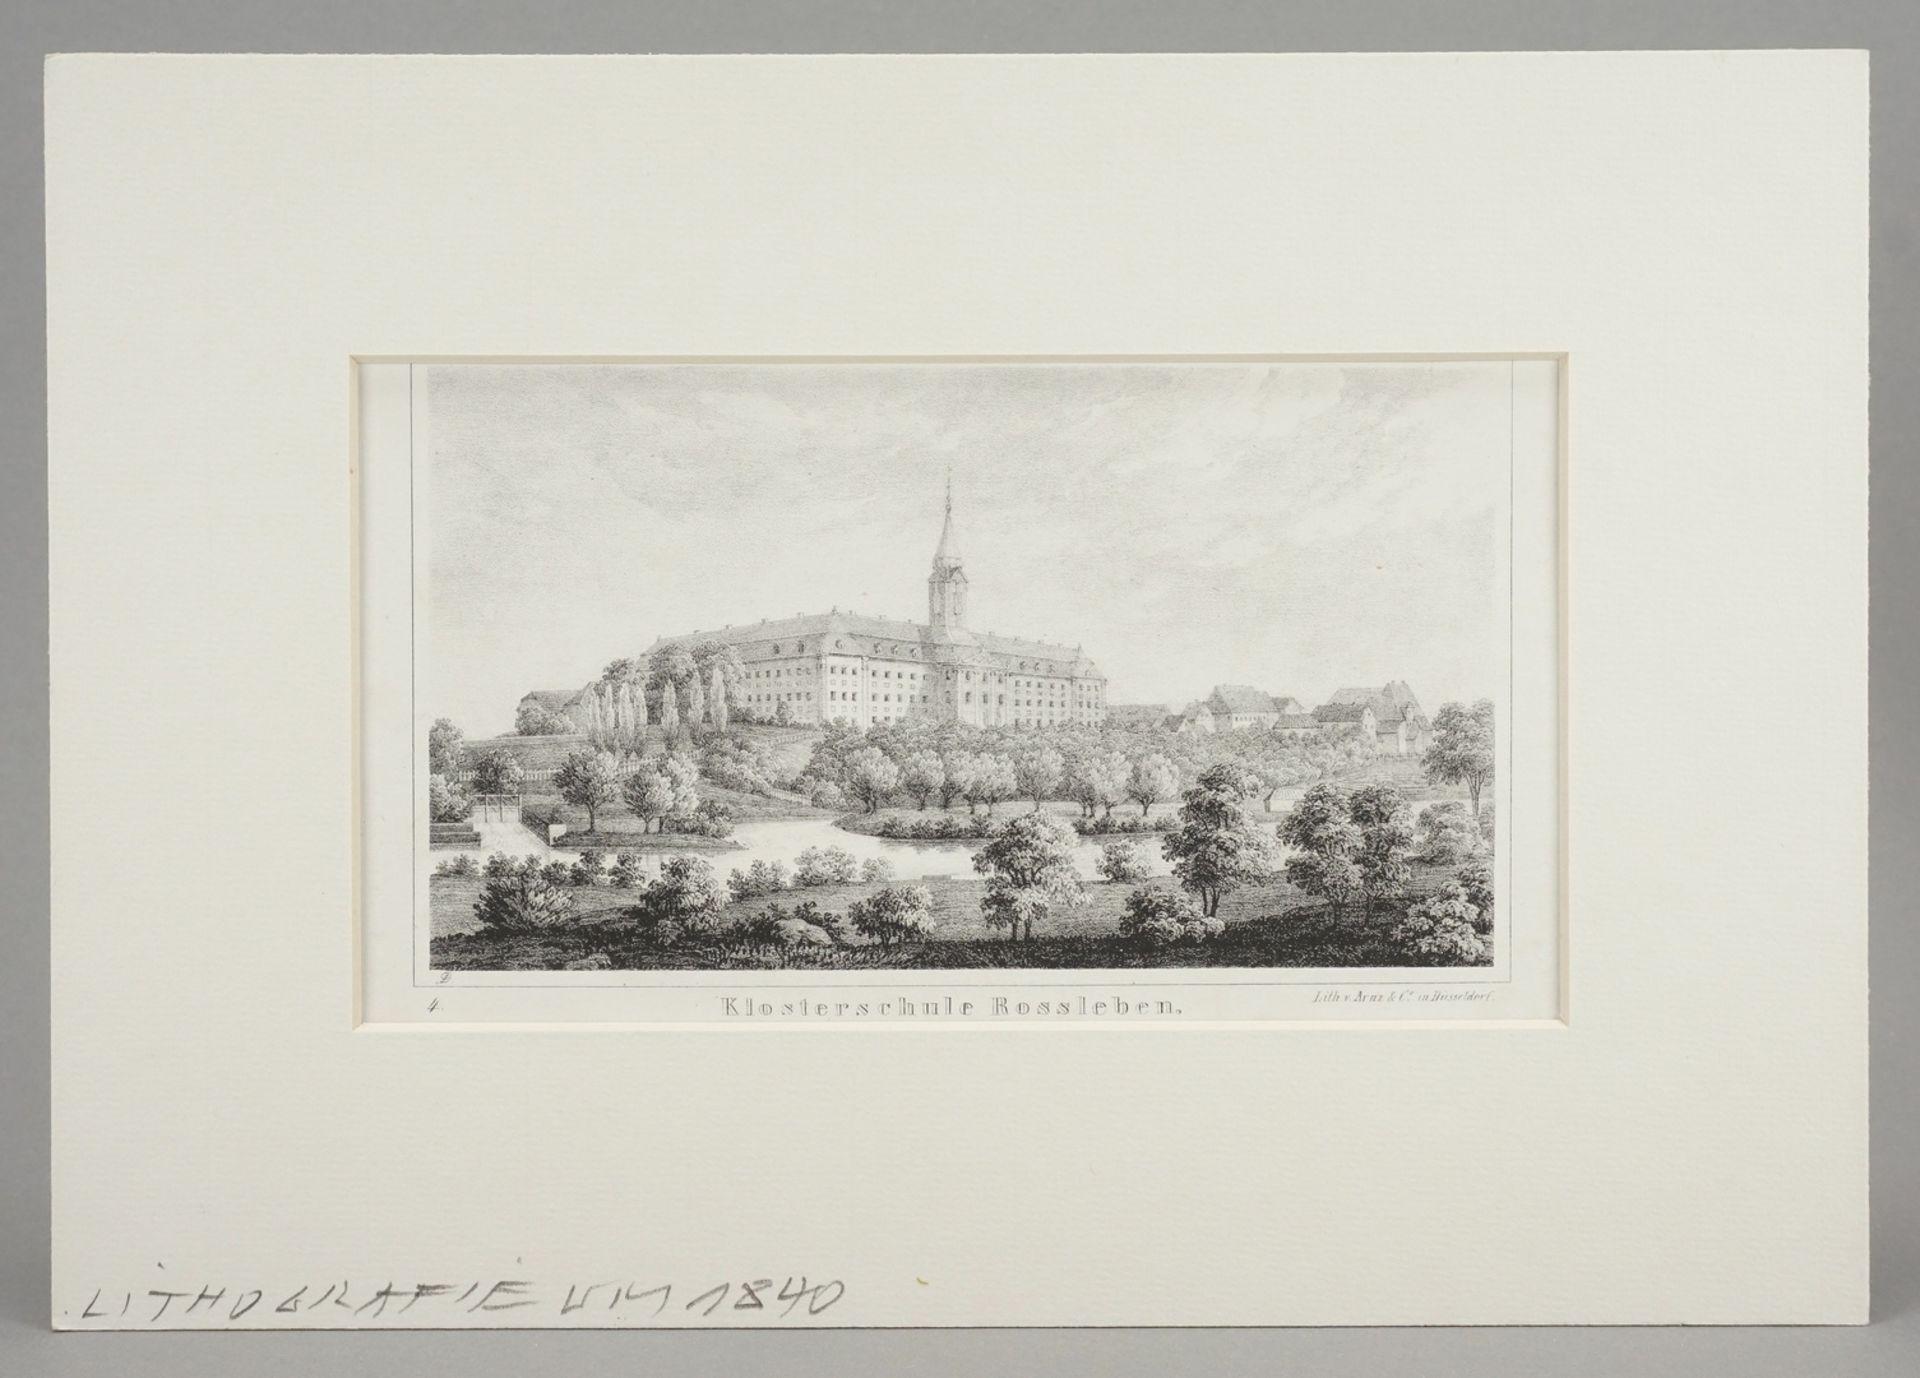 Klosterschule Rossleben - Bild 2 aus 3